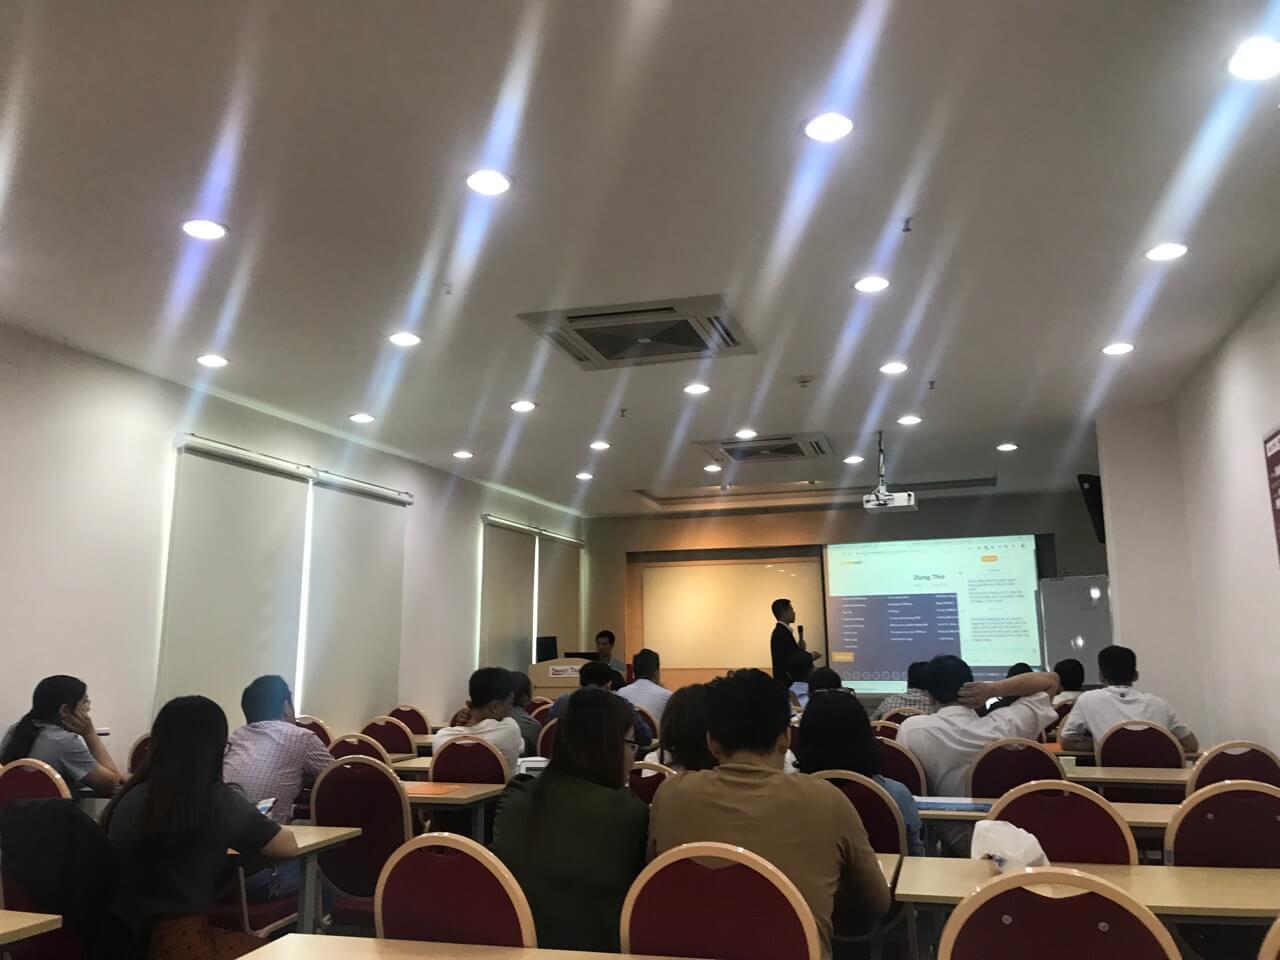 Chia sẻ của diễn giả tại sự kiện xu hướng quản trị khách hàng 2019